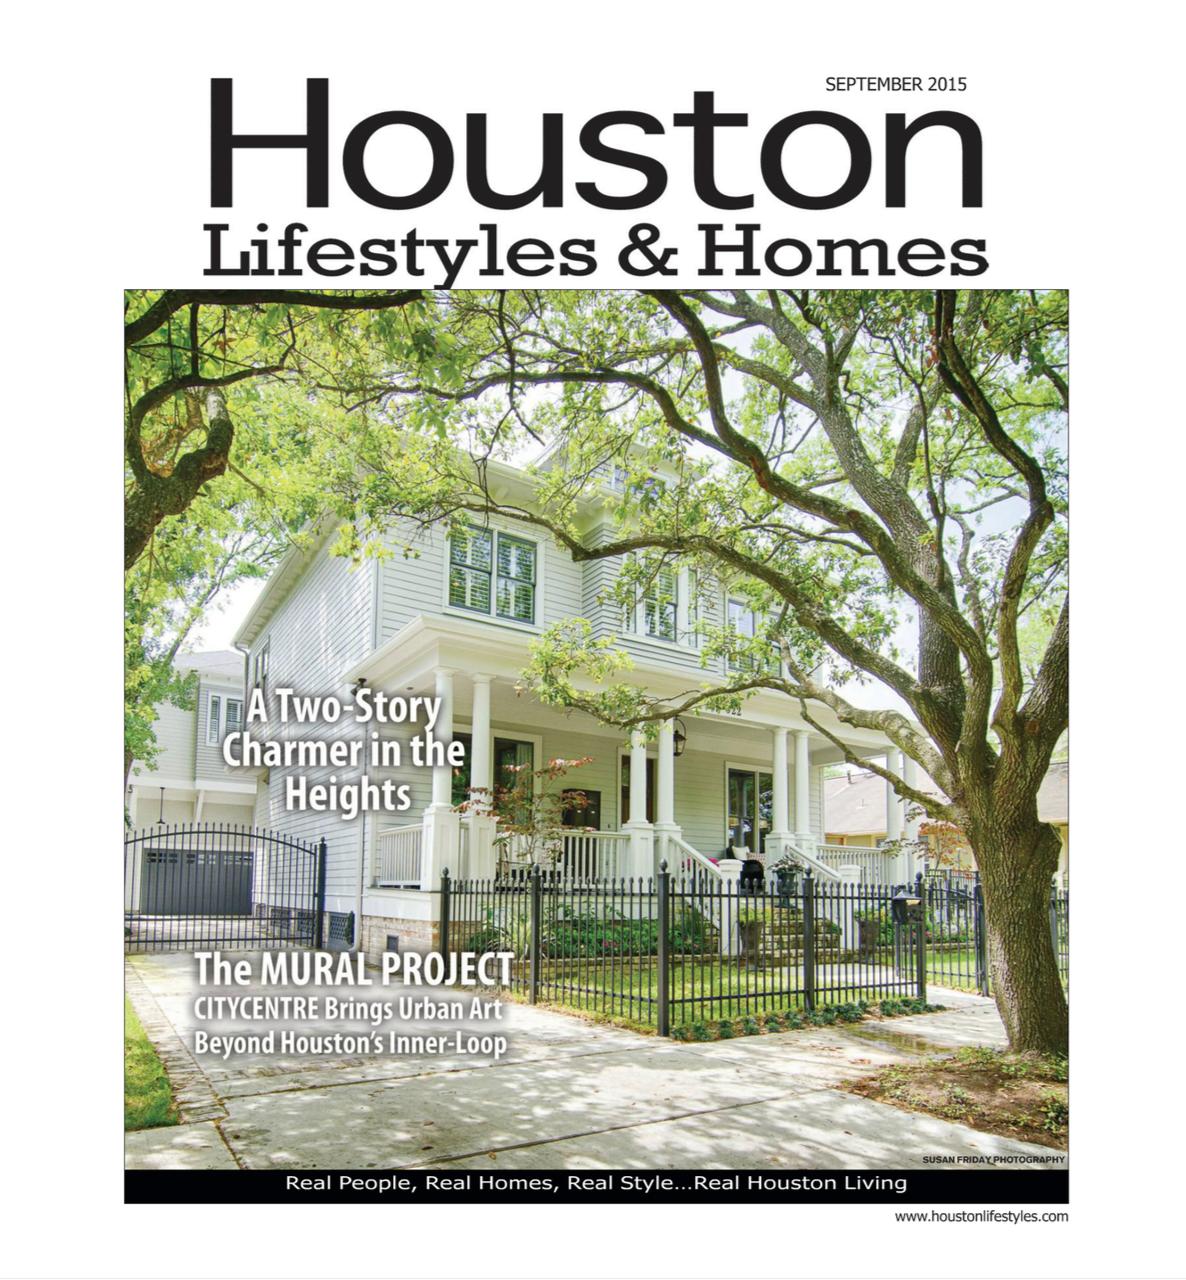 HL&H Cover - September 2015.png